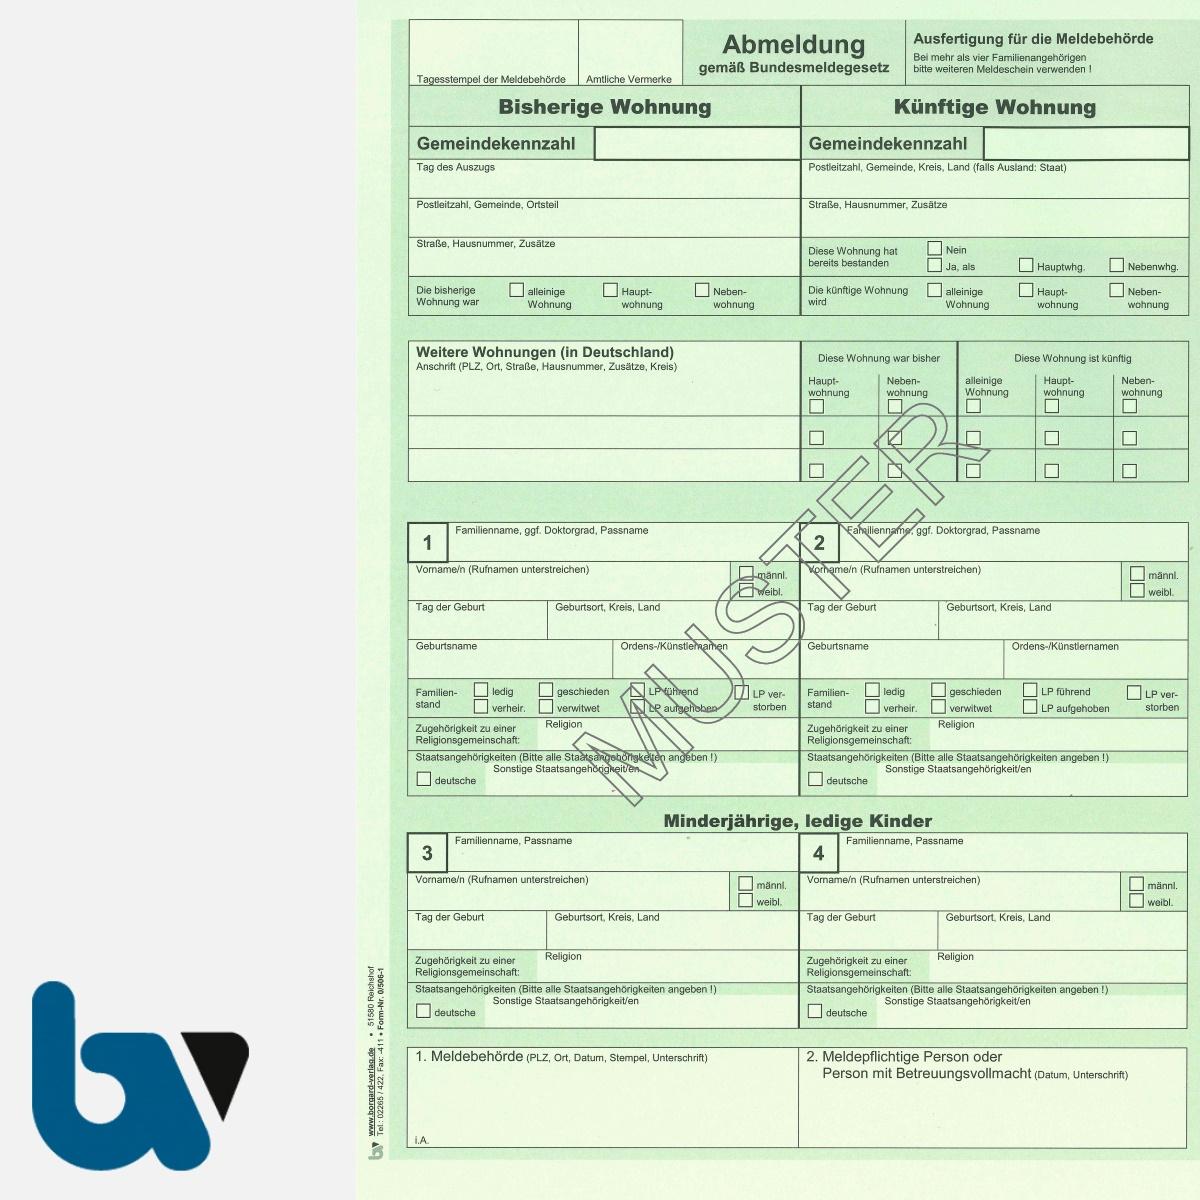 0/506-1 Abmeldung Meldeschein Bestätigung Meldebehörde Bundesmeldegesetz grün 2-fach selbstdurchschreibend DIN A4 Seite 1 | Borgard Verlag GmbH